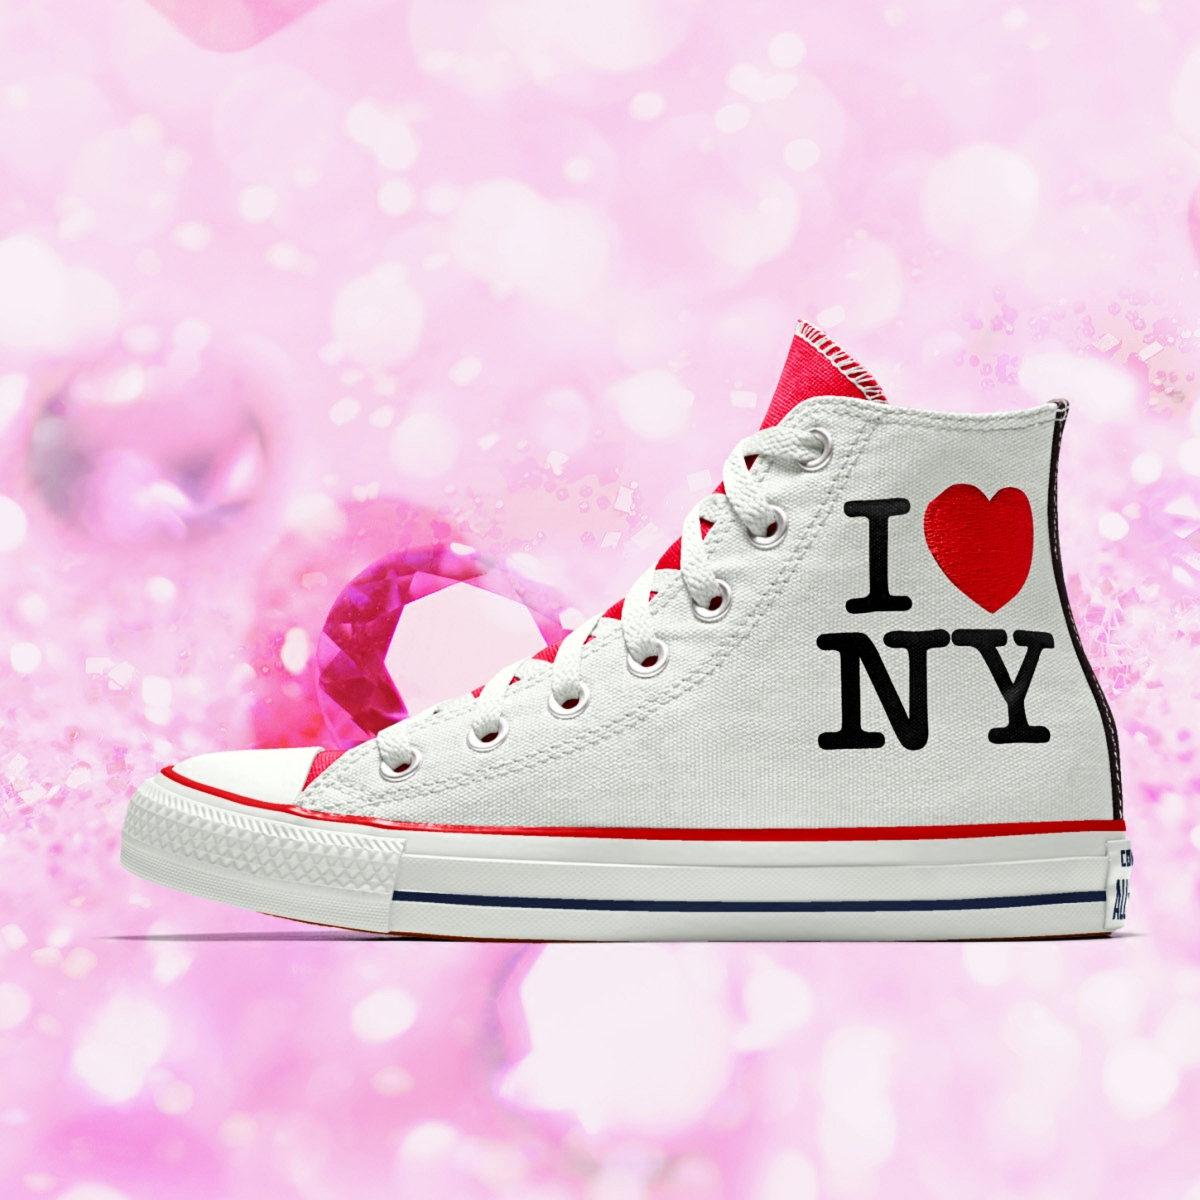 匡威情侣帆布鞋 代购匡威板鞋男女Converse All Star I Love New York情侣帆布鞋_推荐淘宝好看的女匡威情侣帆布鞋